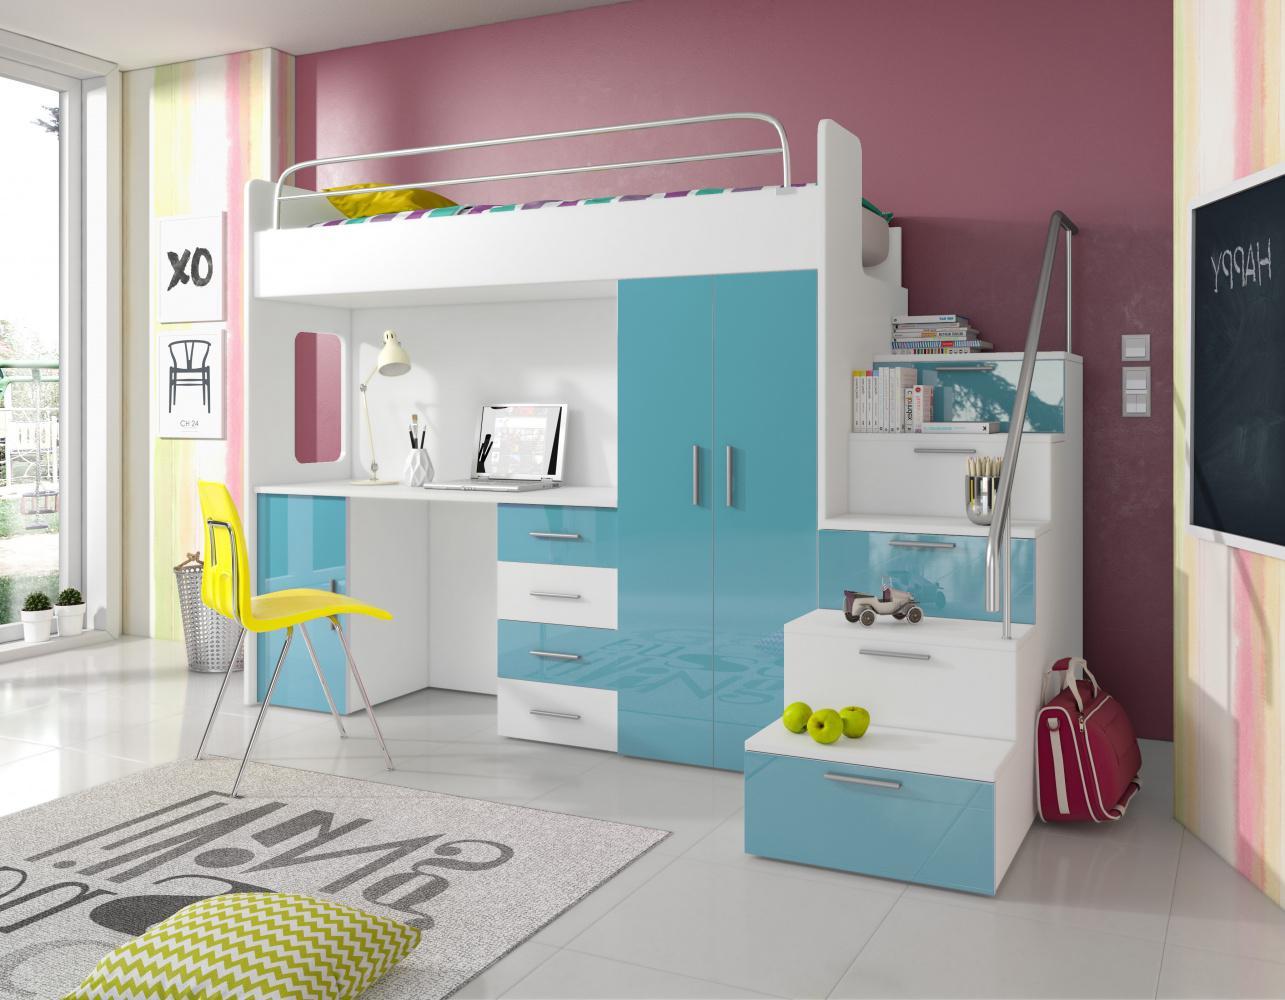 Etagenbett Kinder Treppe : Treppe für hochbett neu kinder etagenbett mit